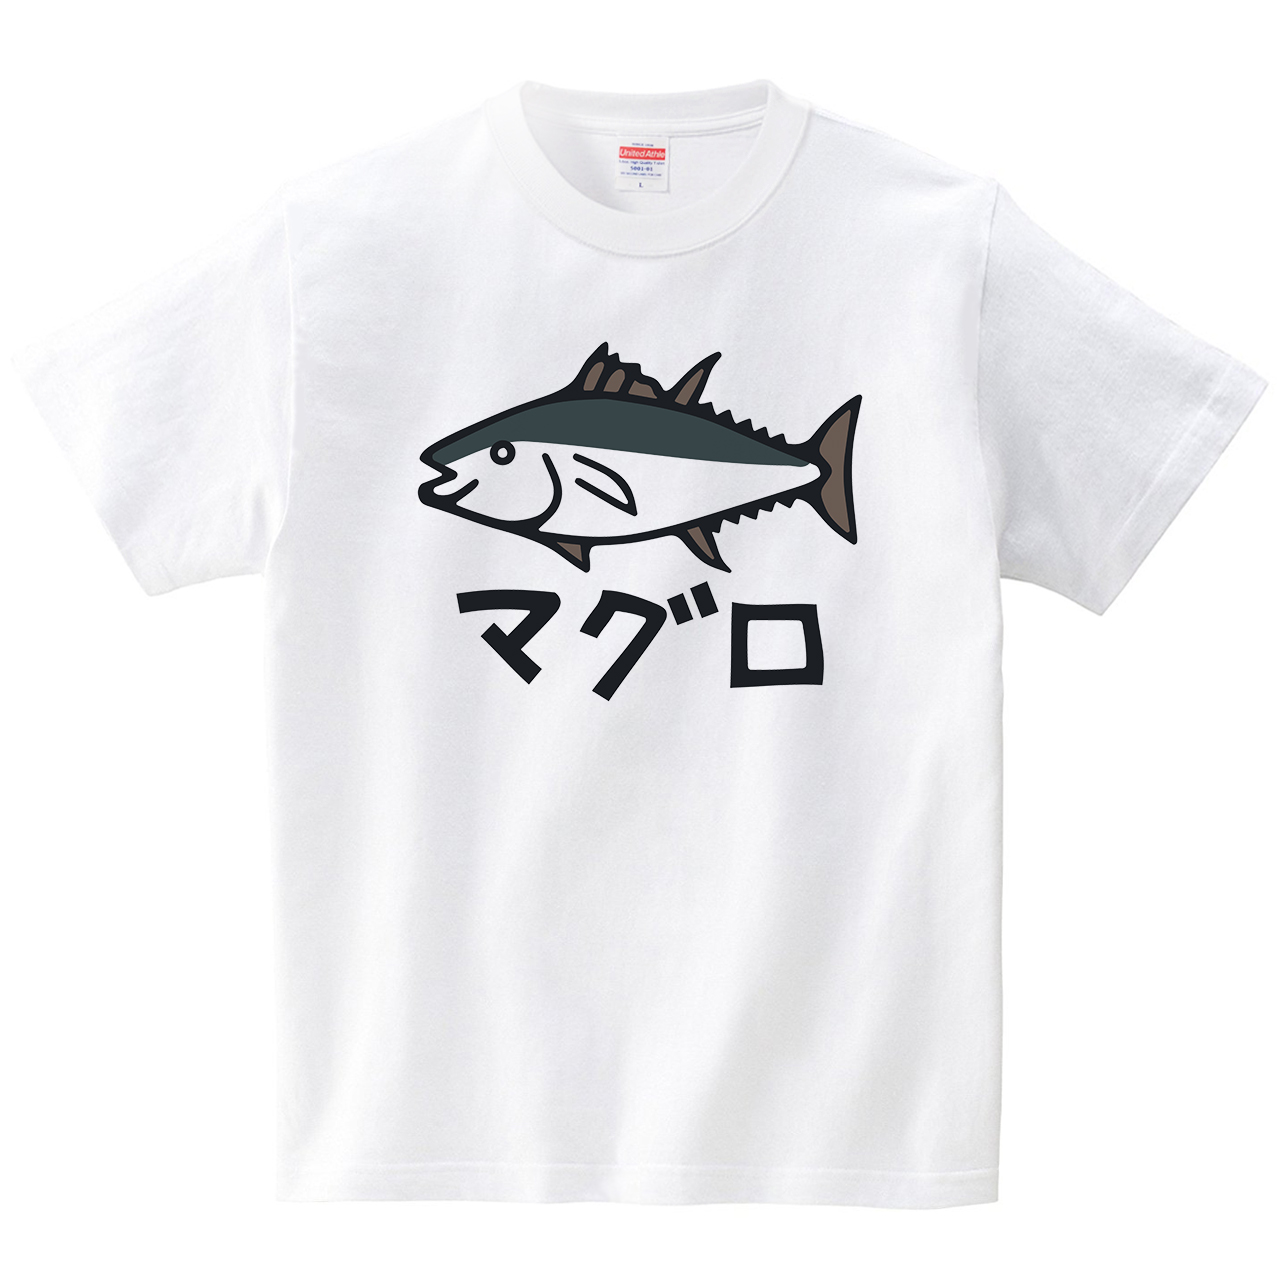 マグロ(Tシャツ・ホワイト)(犬田猫三郎)